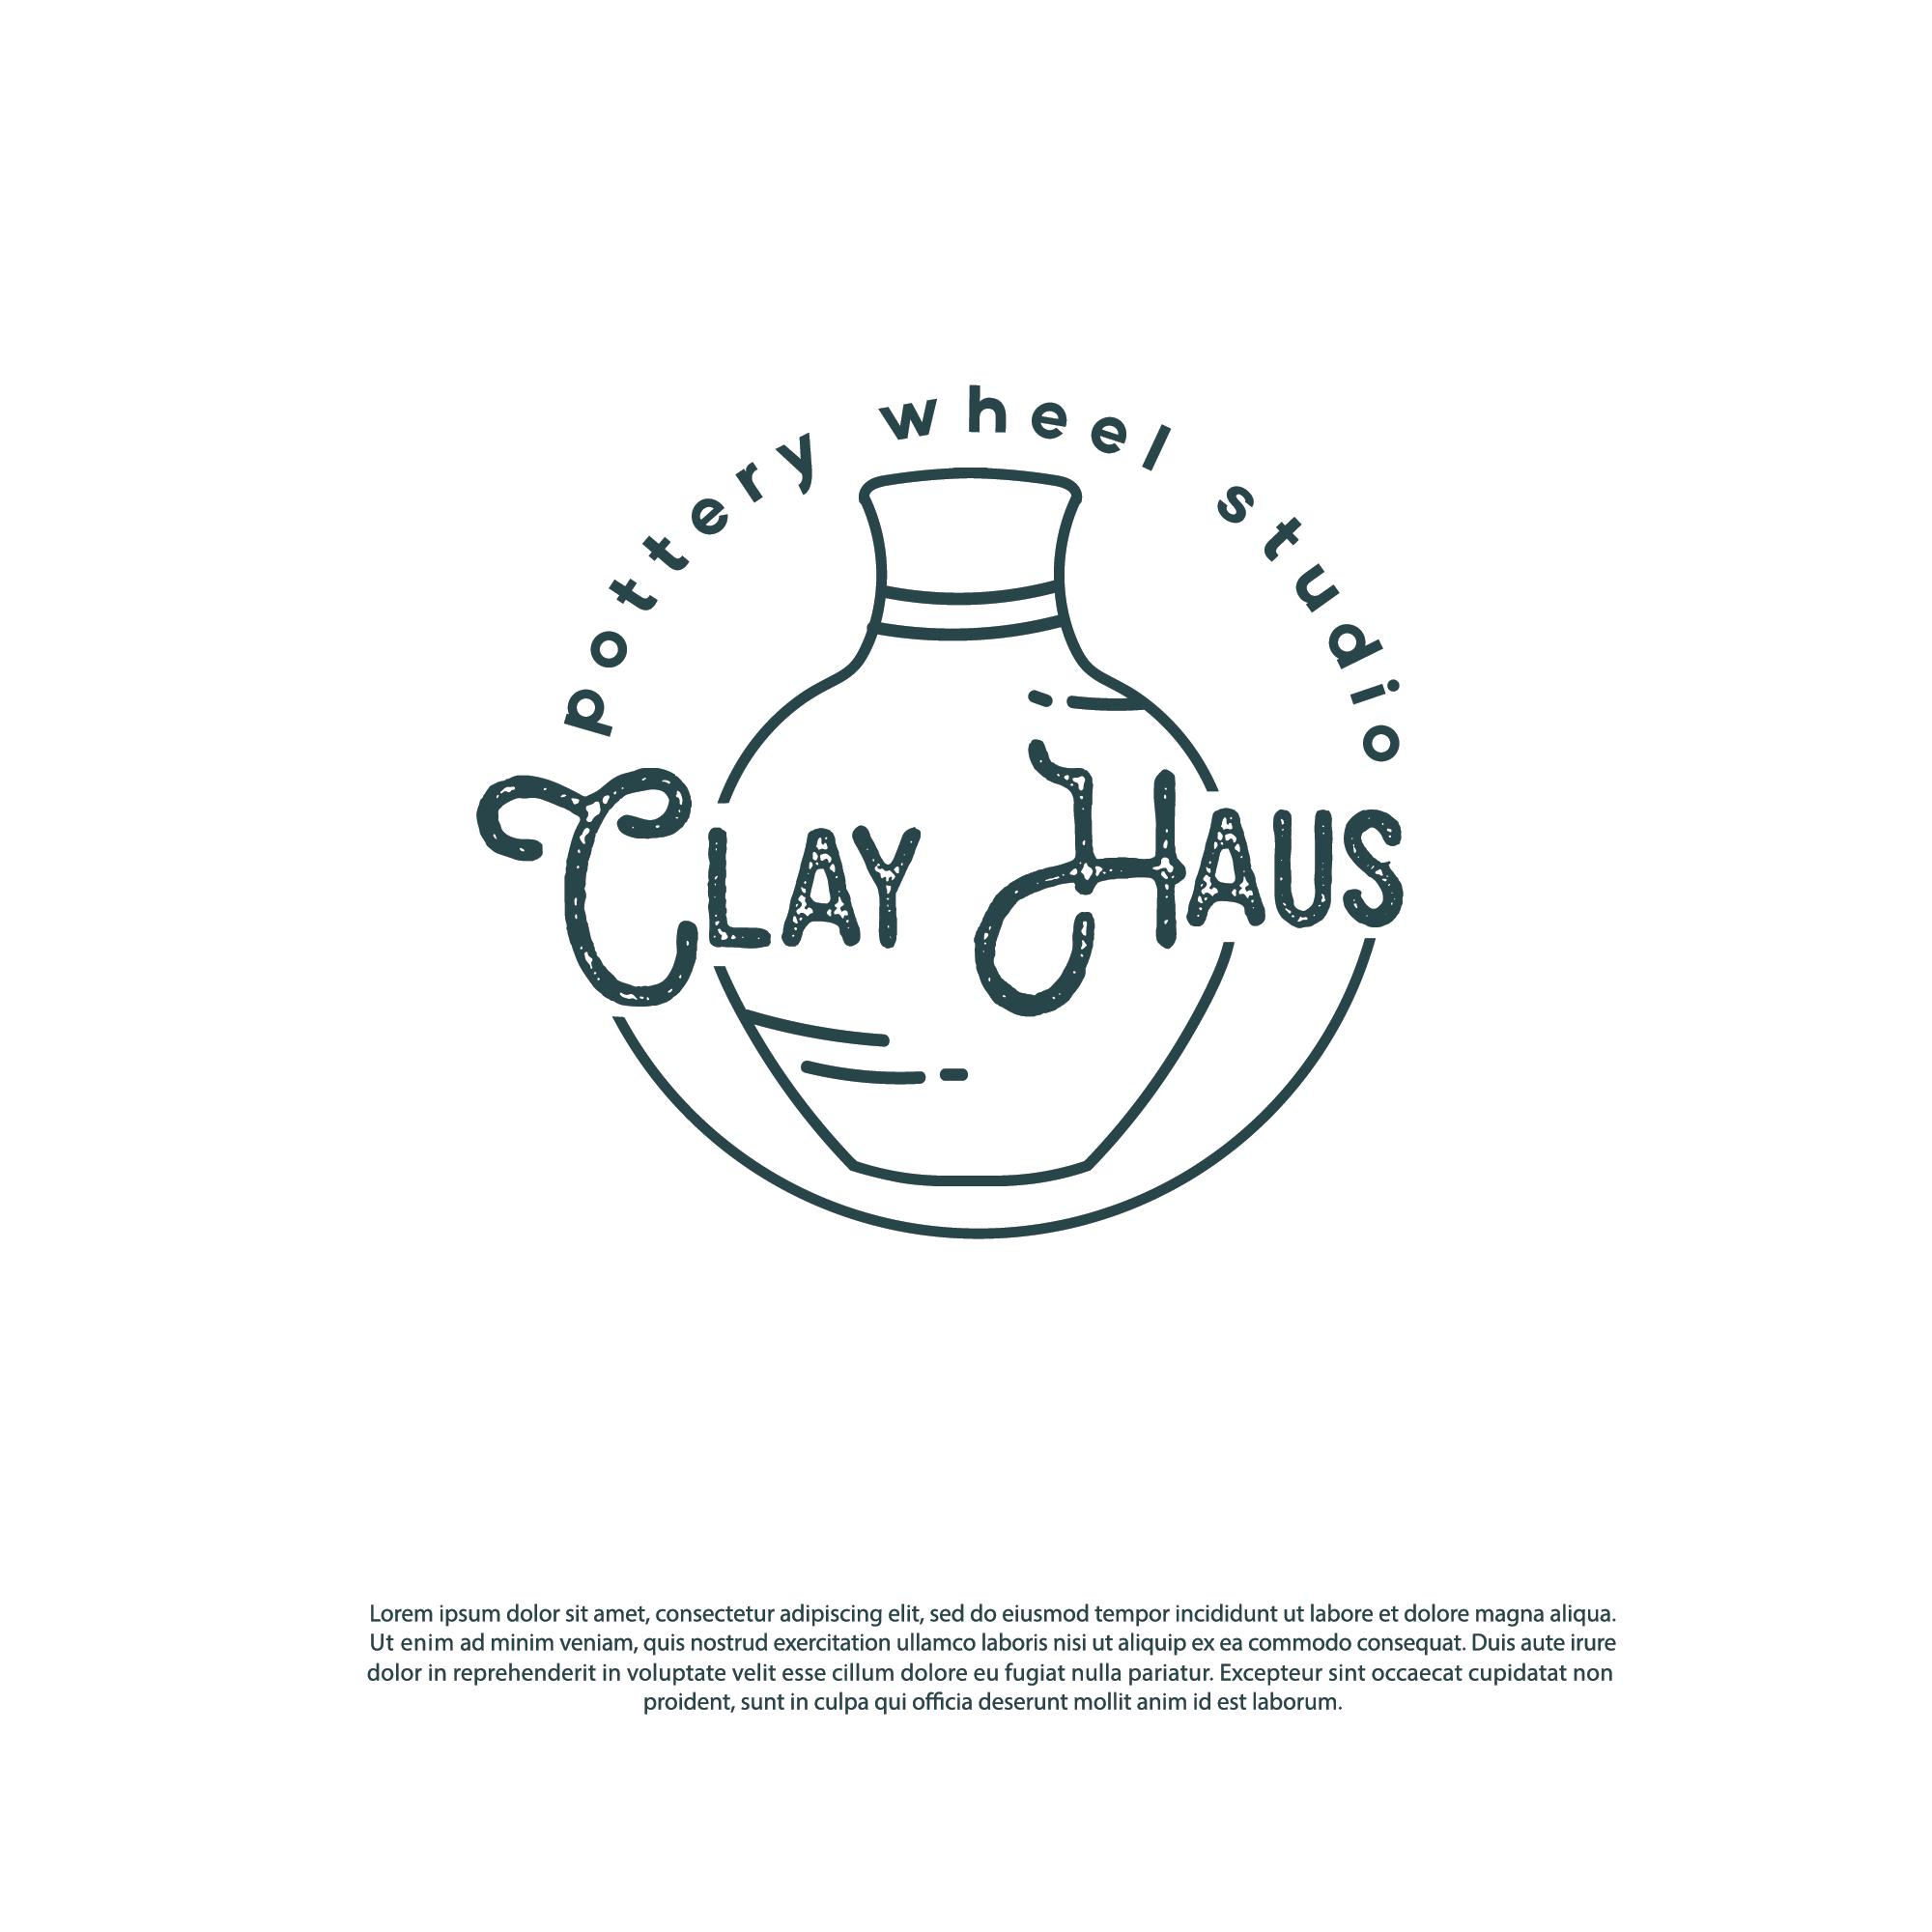 Clay Haus Pottery Wheel Studio!